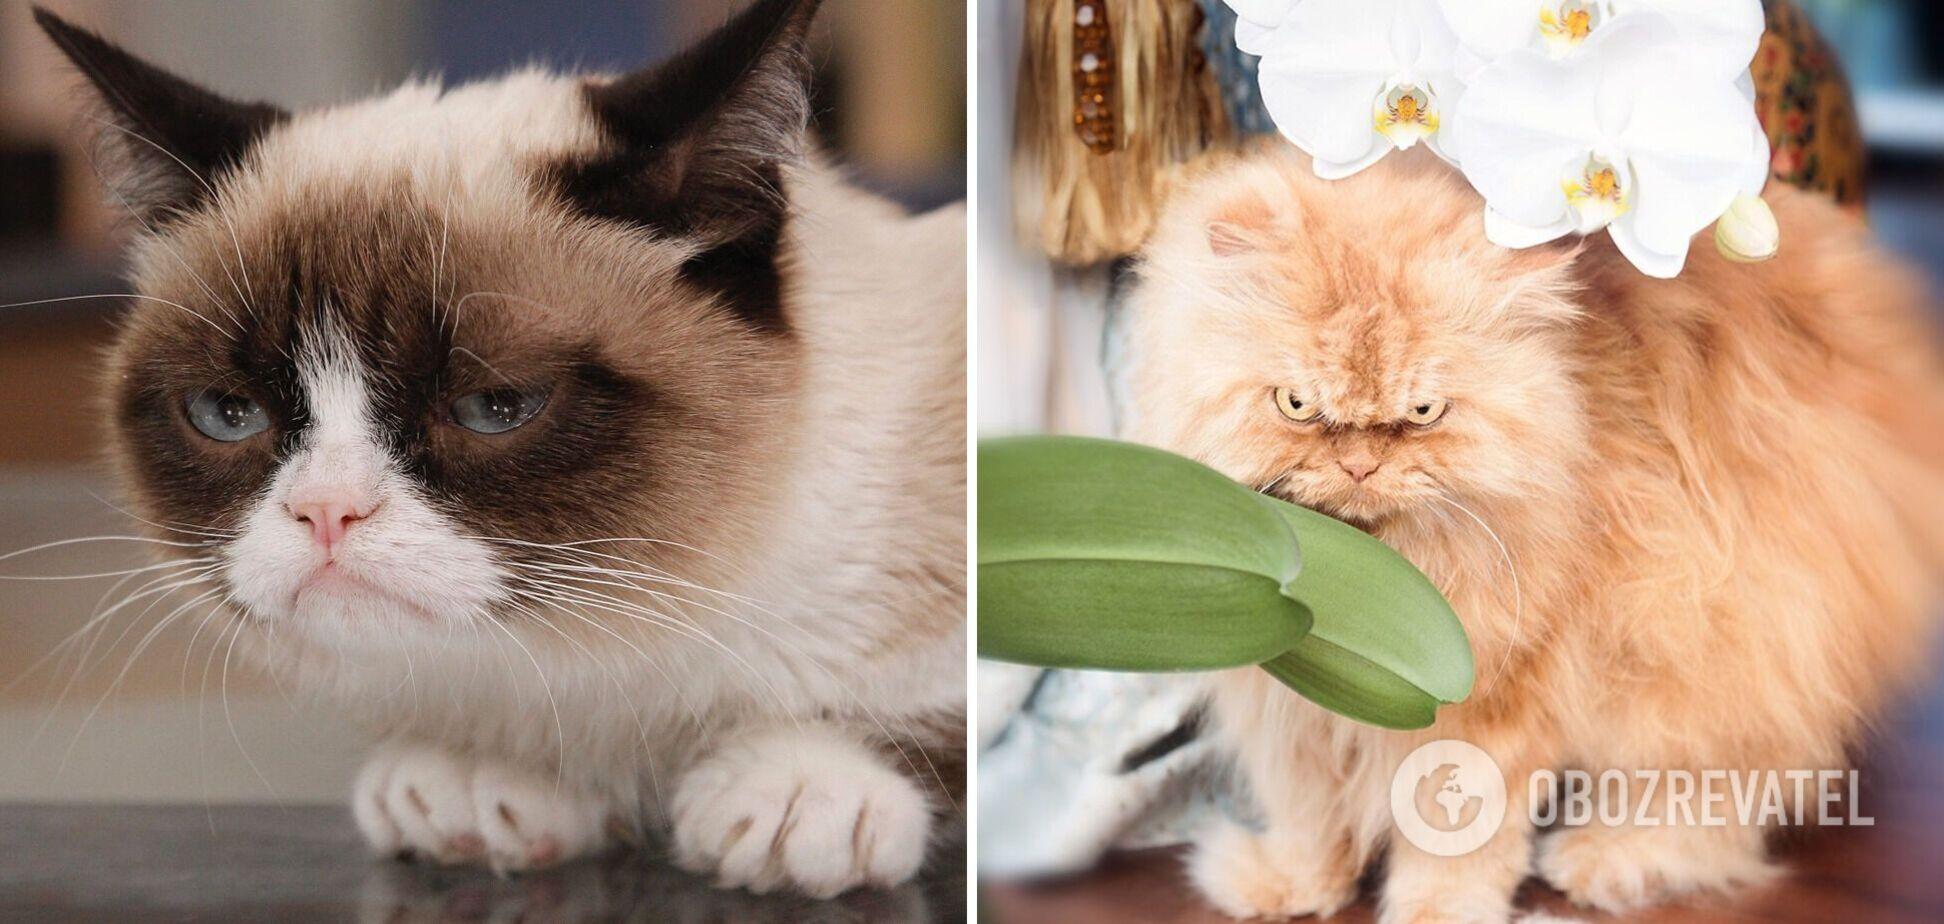 Ці коти завжди незадоволені життям